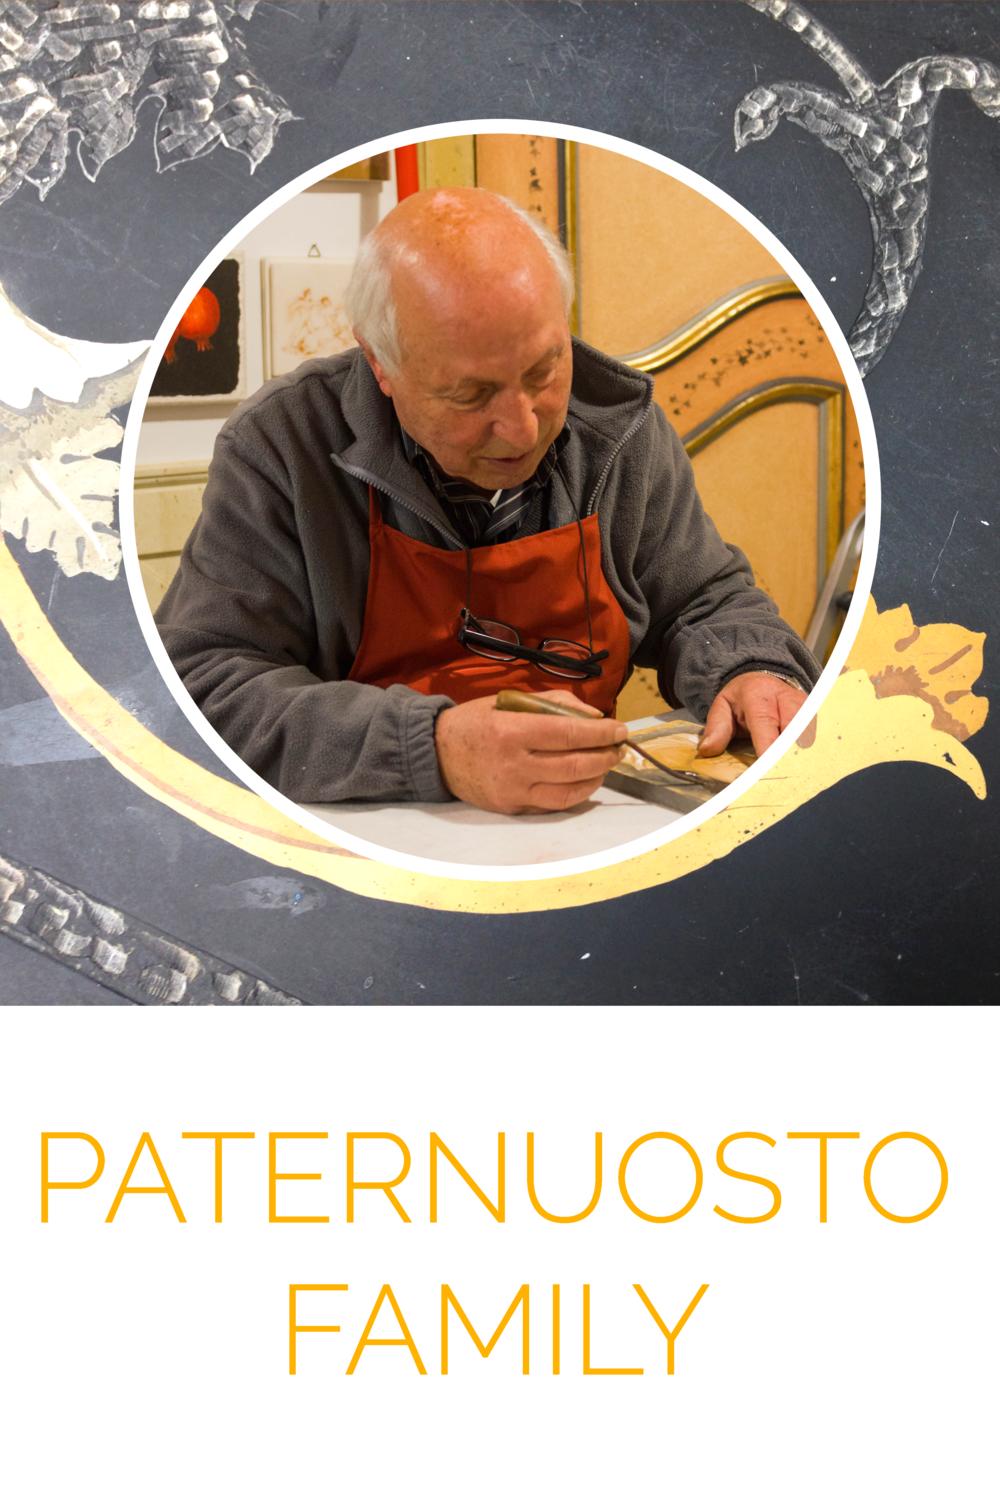 Scagliola Artisans & Encaustic Painters